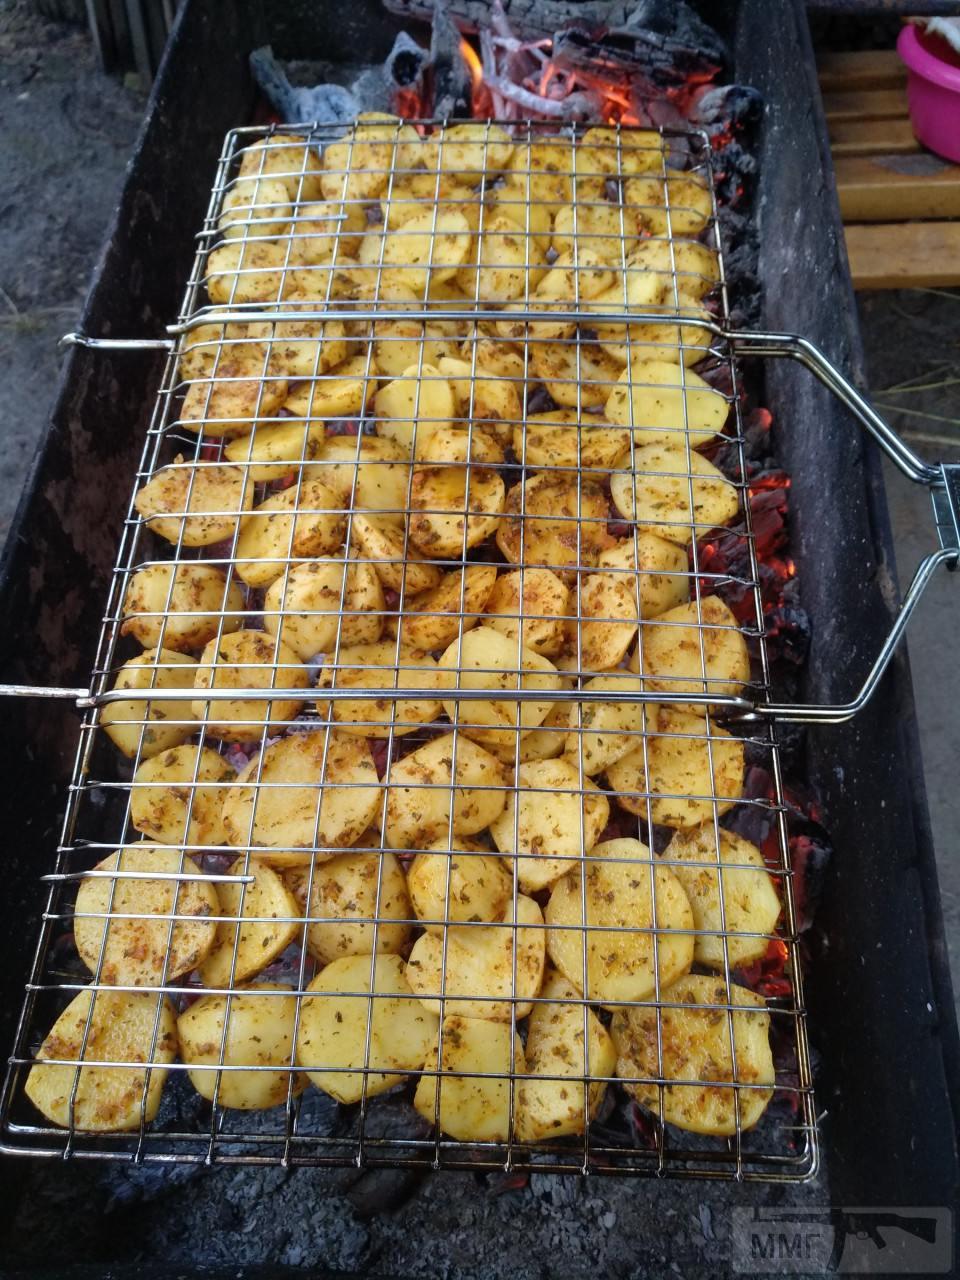 90293 - Закуски на огне (мангал, барбекю и т.д.) и кулинария вообще. Советы и рецепты.